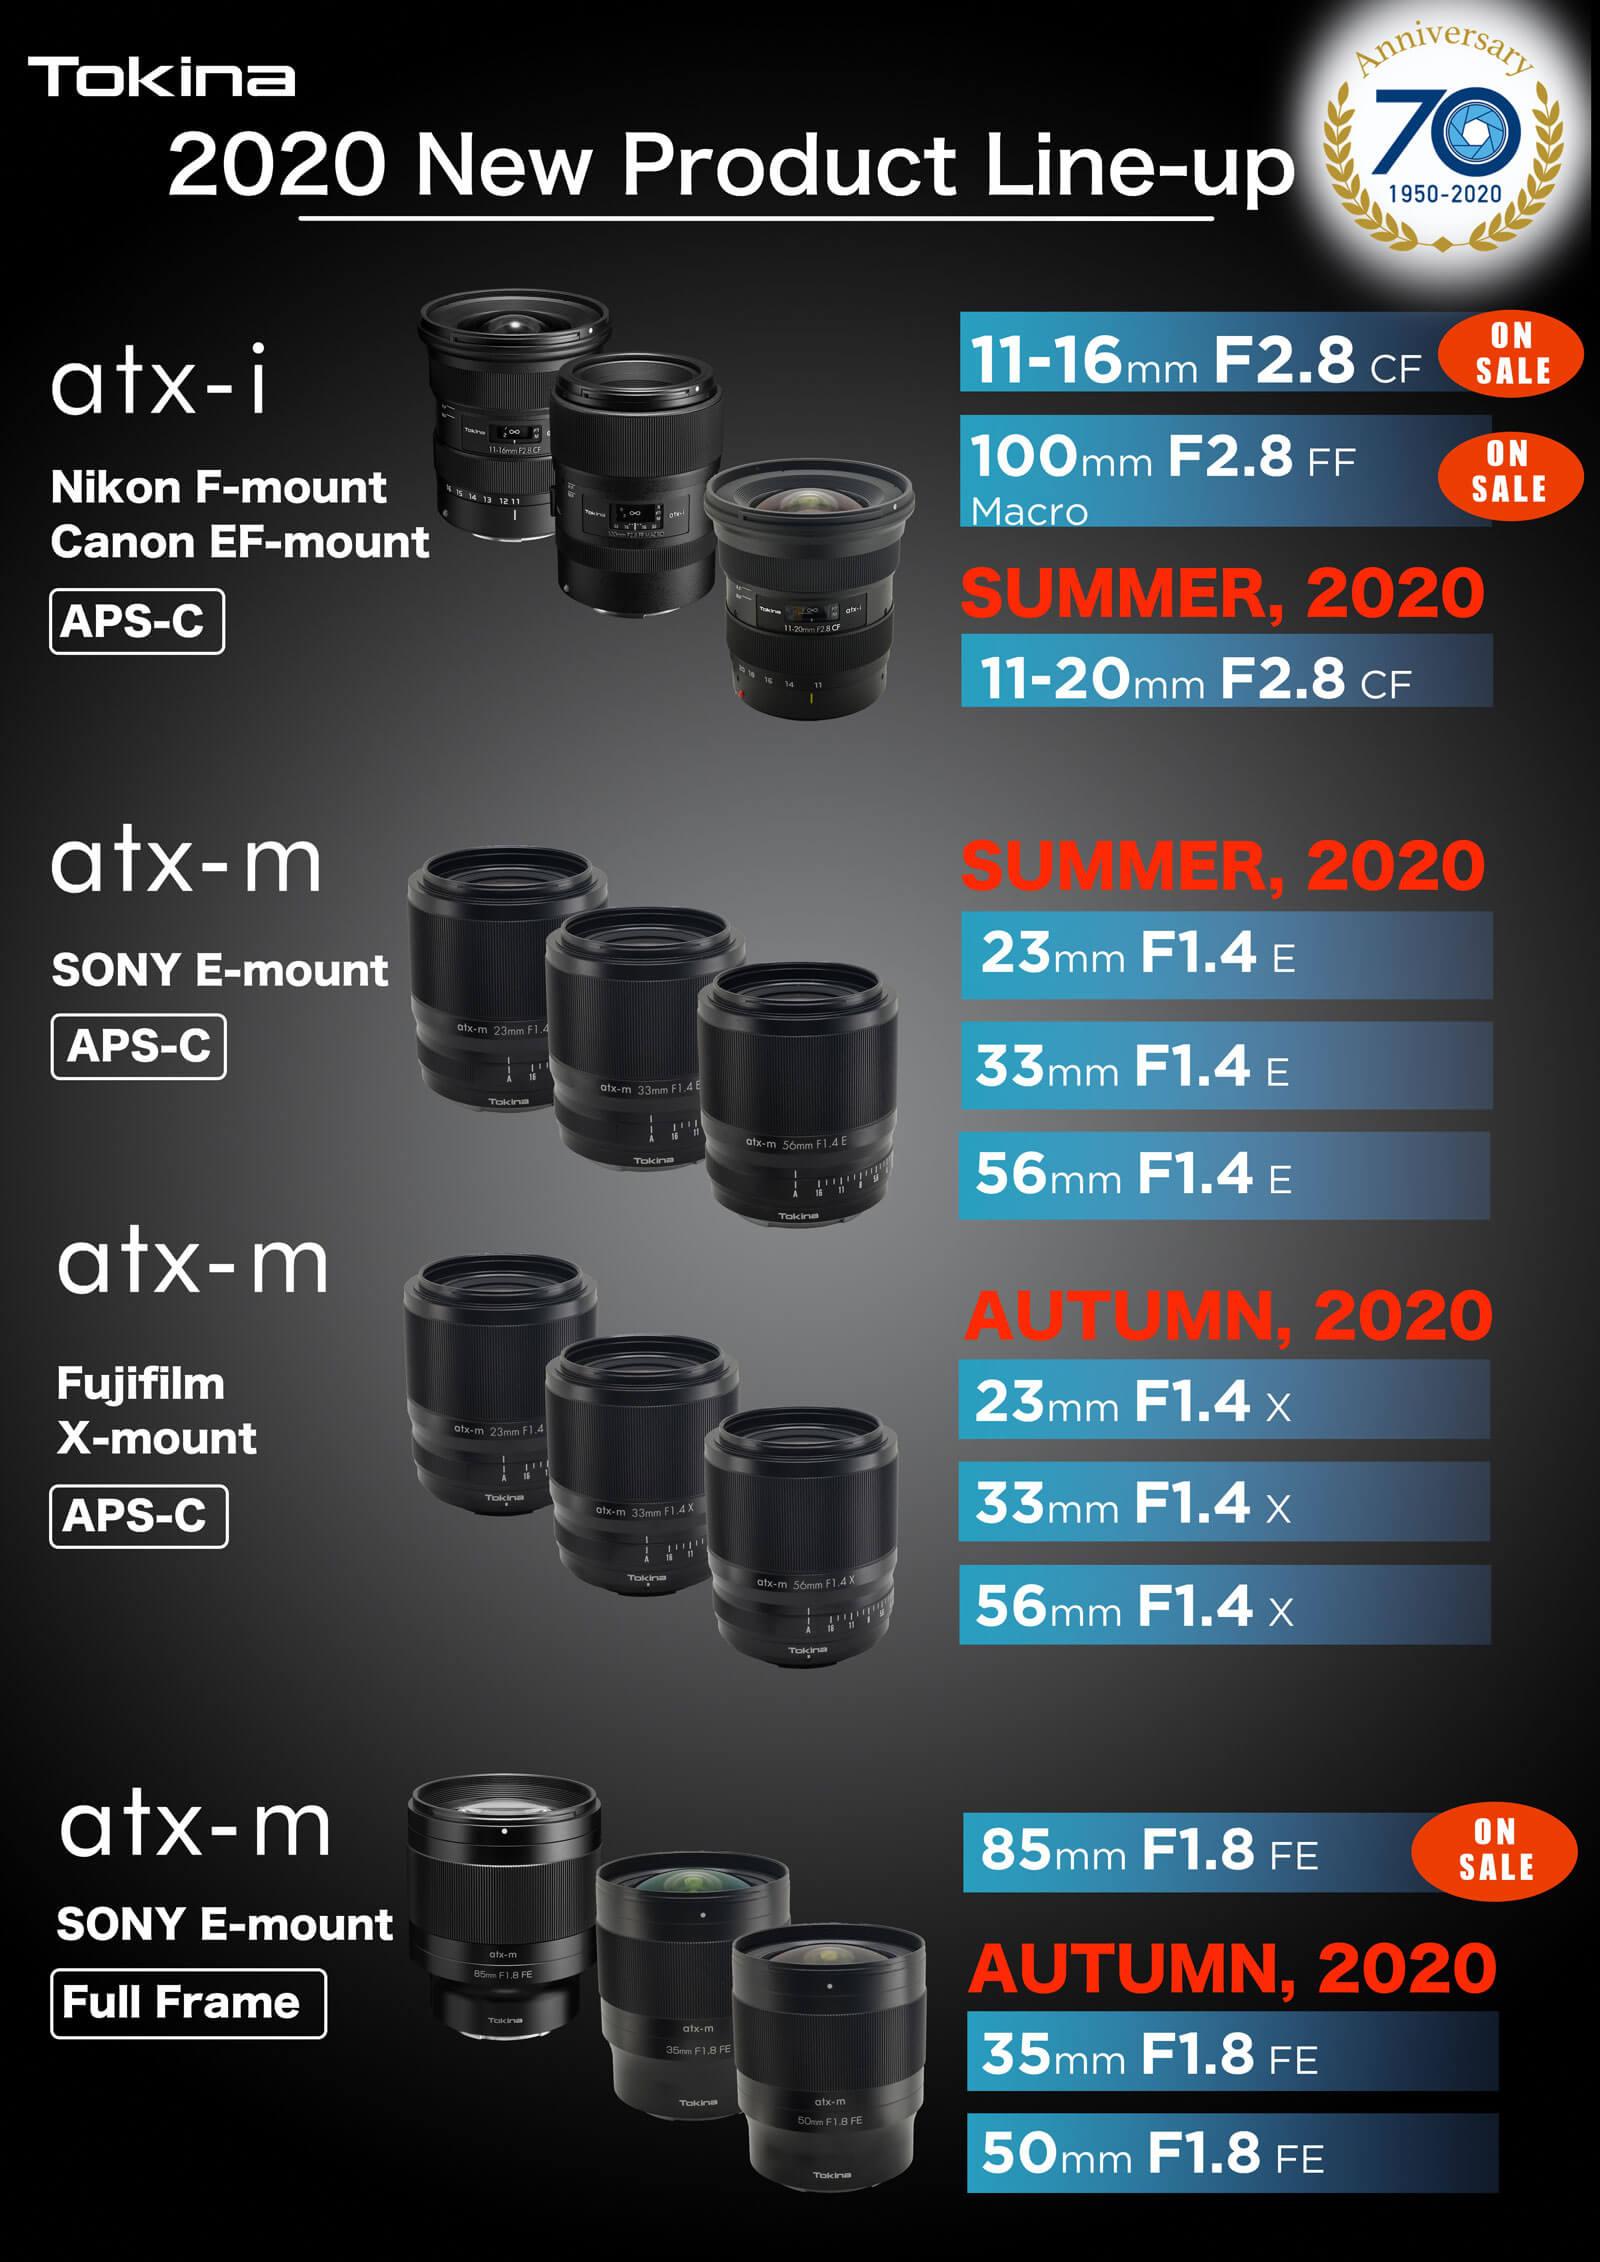 Những mẫu ống kính Tokina 2020 sắp ra mắt